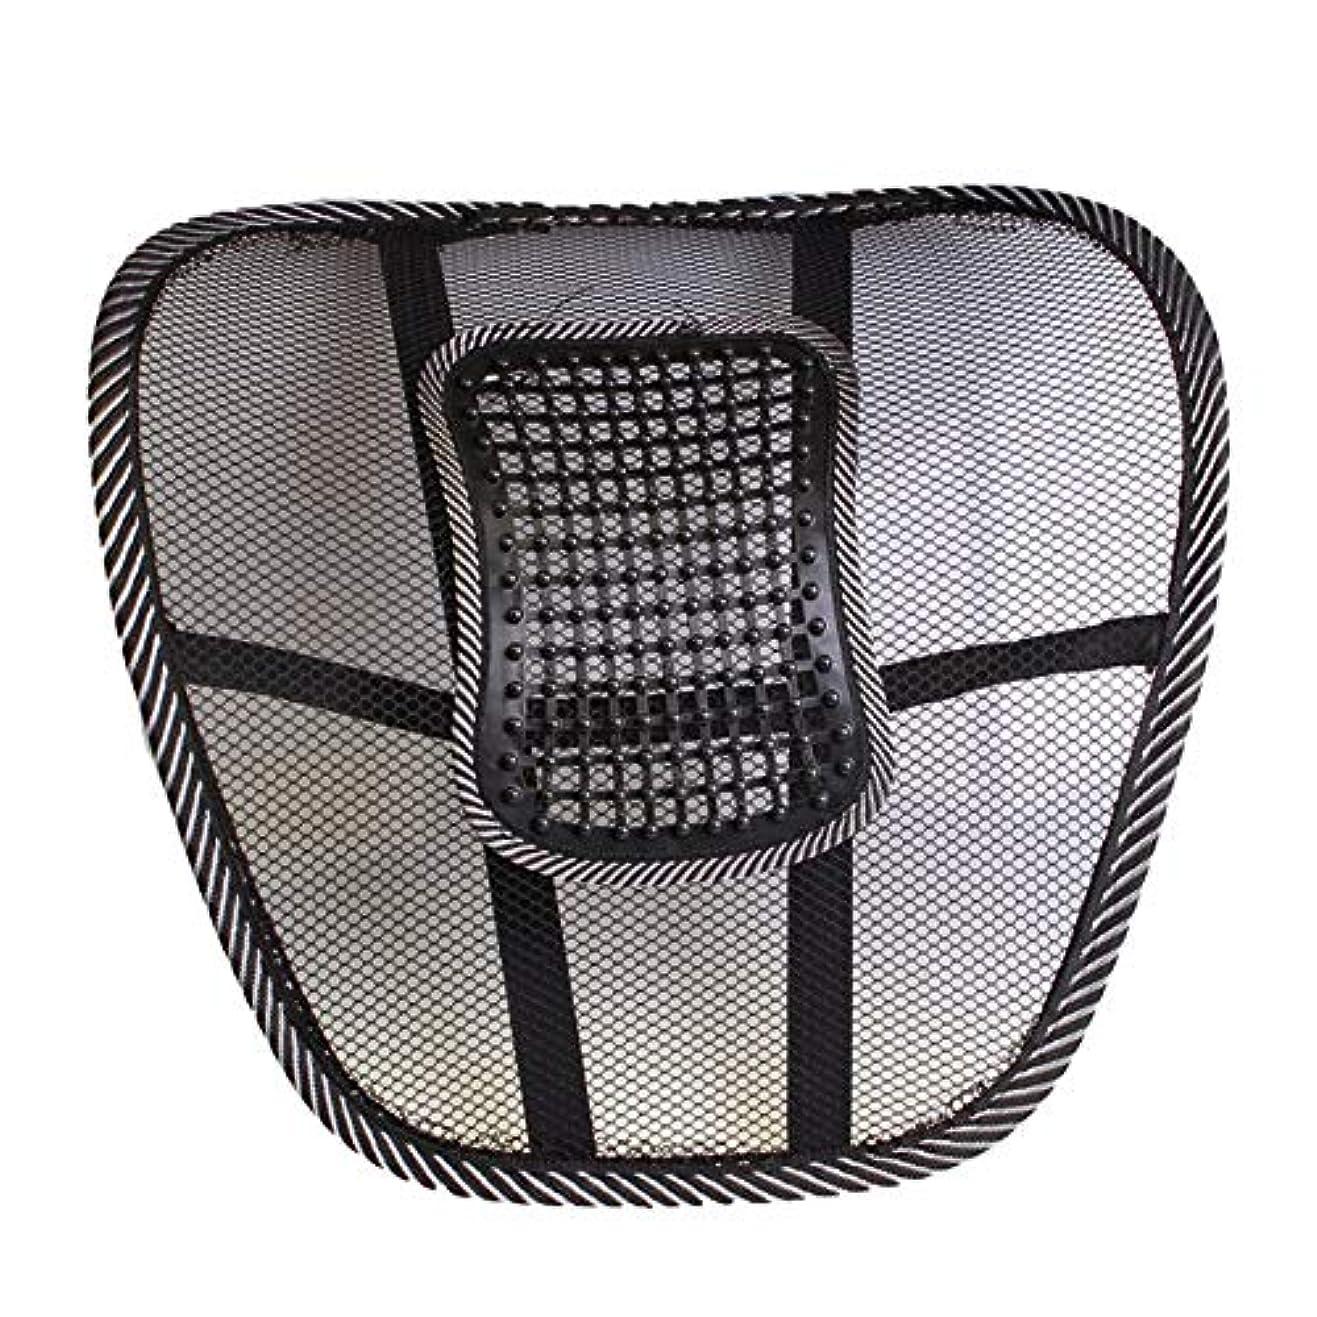 三角形簡潔な未来メッシュカバー付き腰椎サポートクッション腰痛緩和のためのバランスのとれた硬さ - 理想的なバックピロー